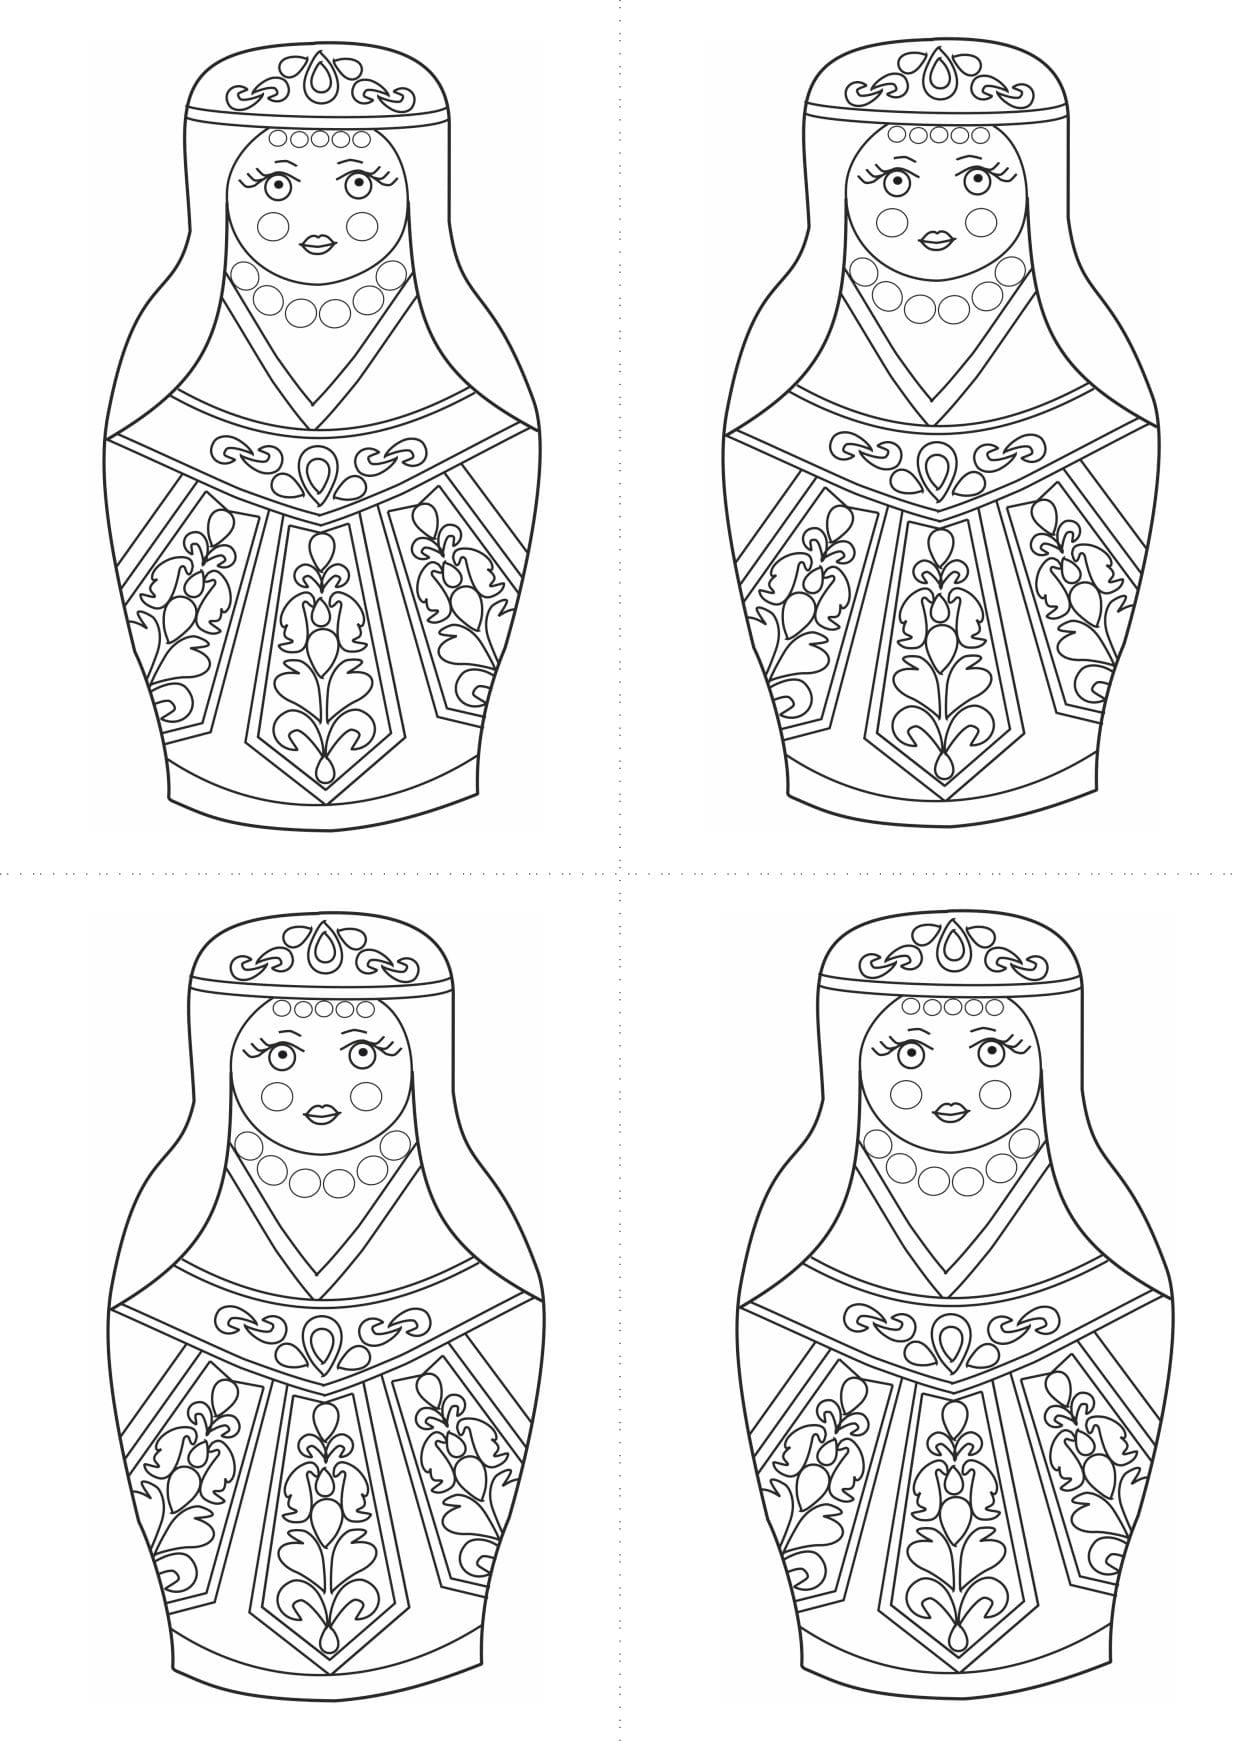 Раскраска шаблон матрёшки армянки для рисования